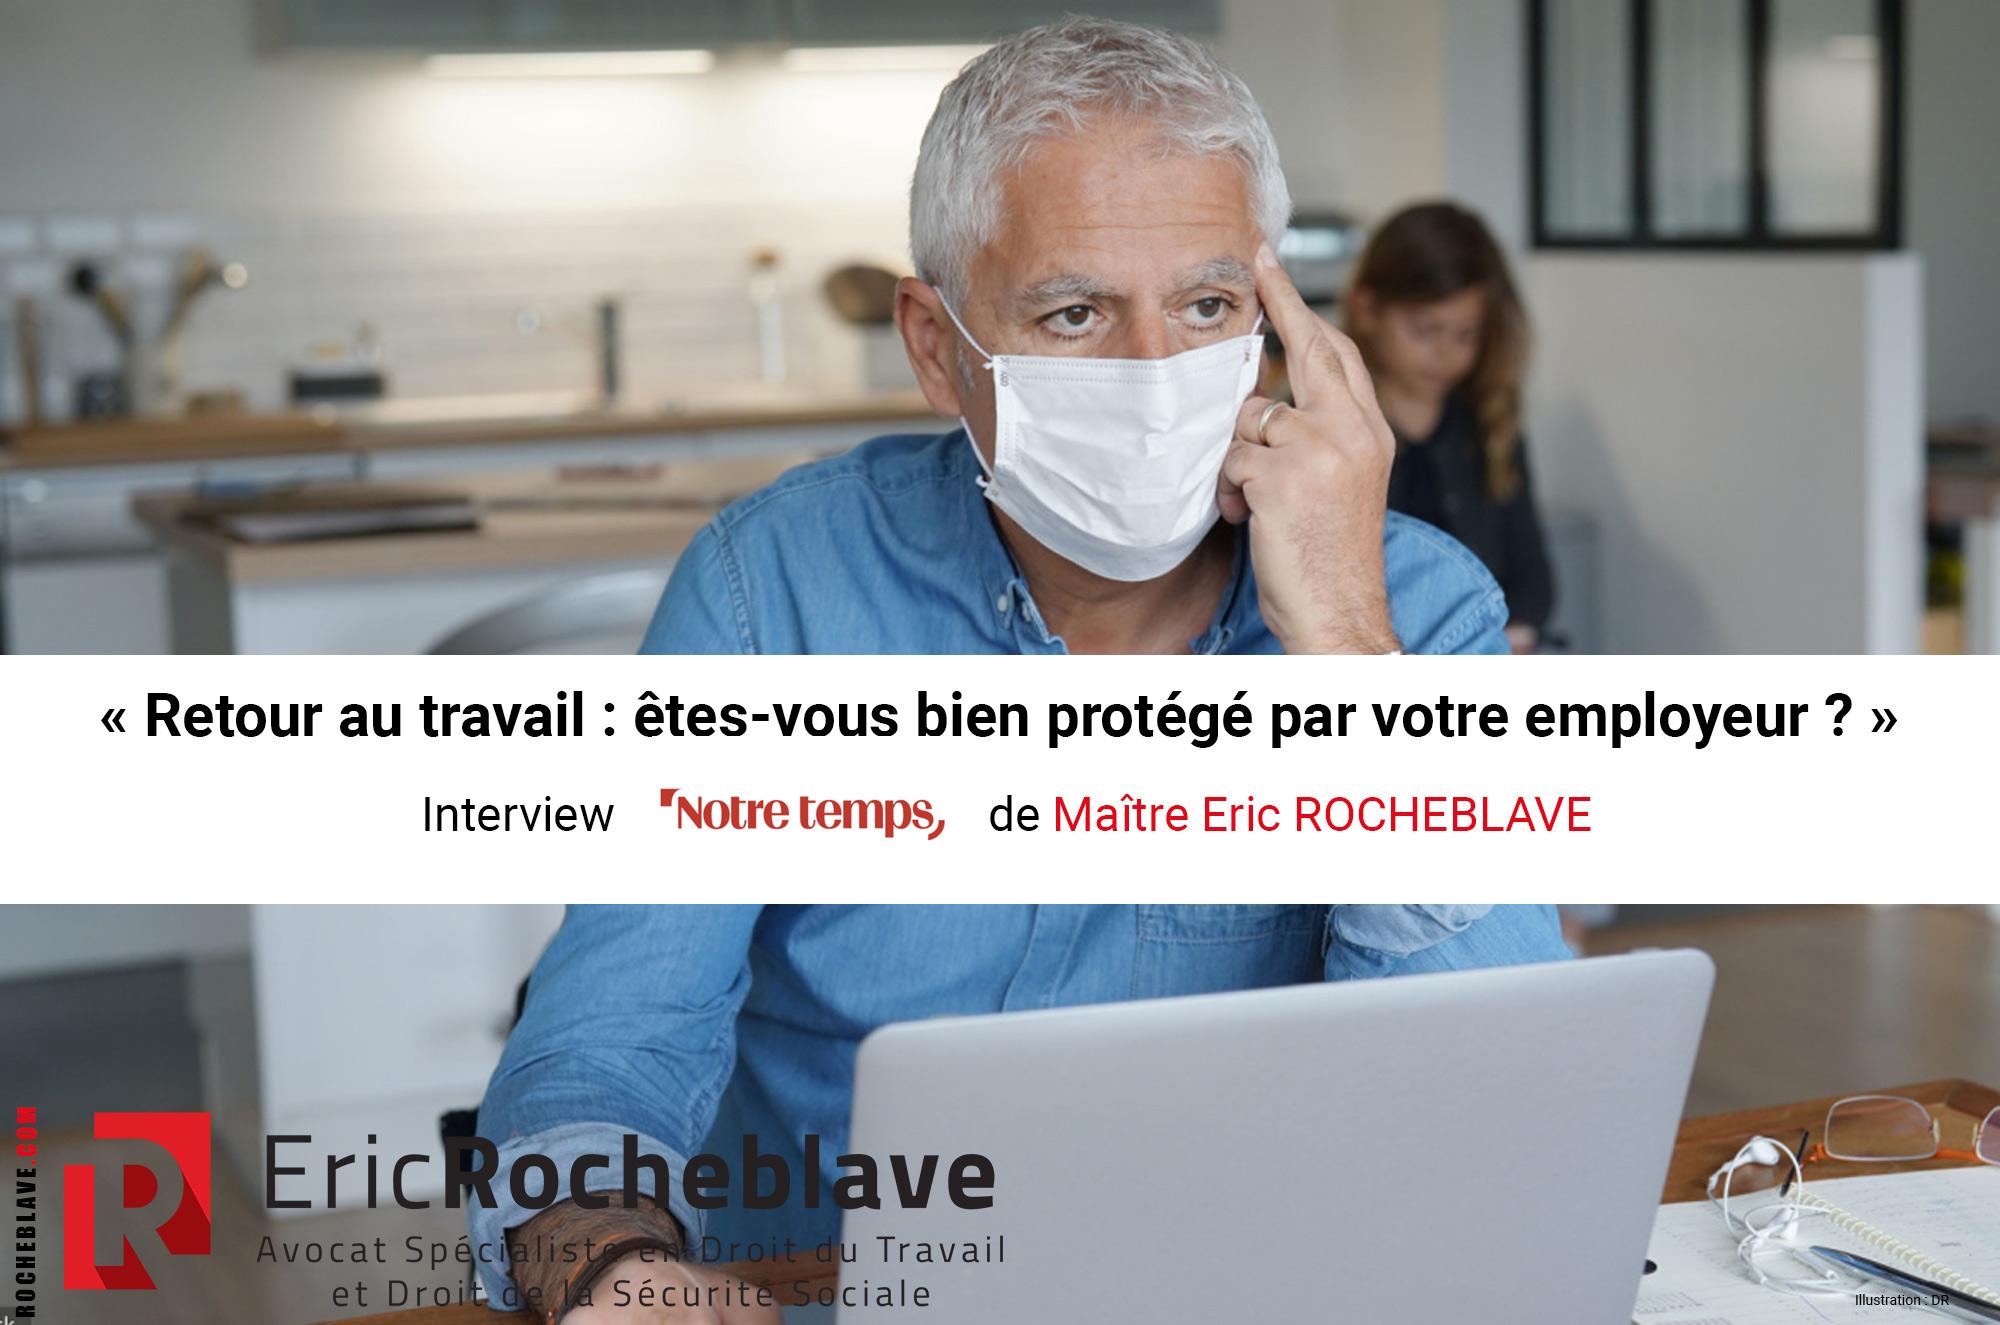 « Retour au travail : êtes-vous bien protégé par votre employeur ? »  Interview Notre temps de Maître Eric ROCHEBLAVE